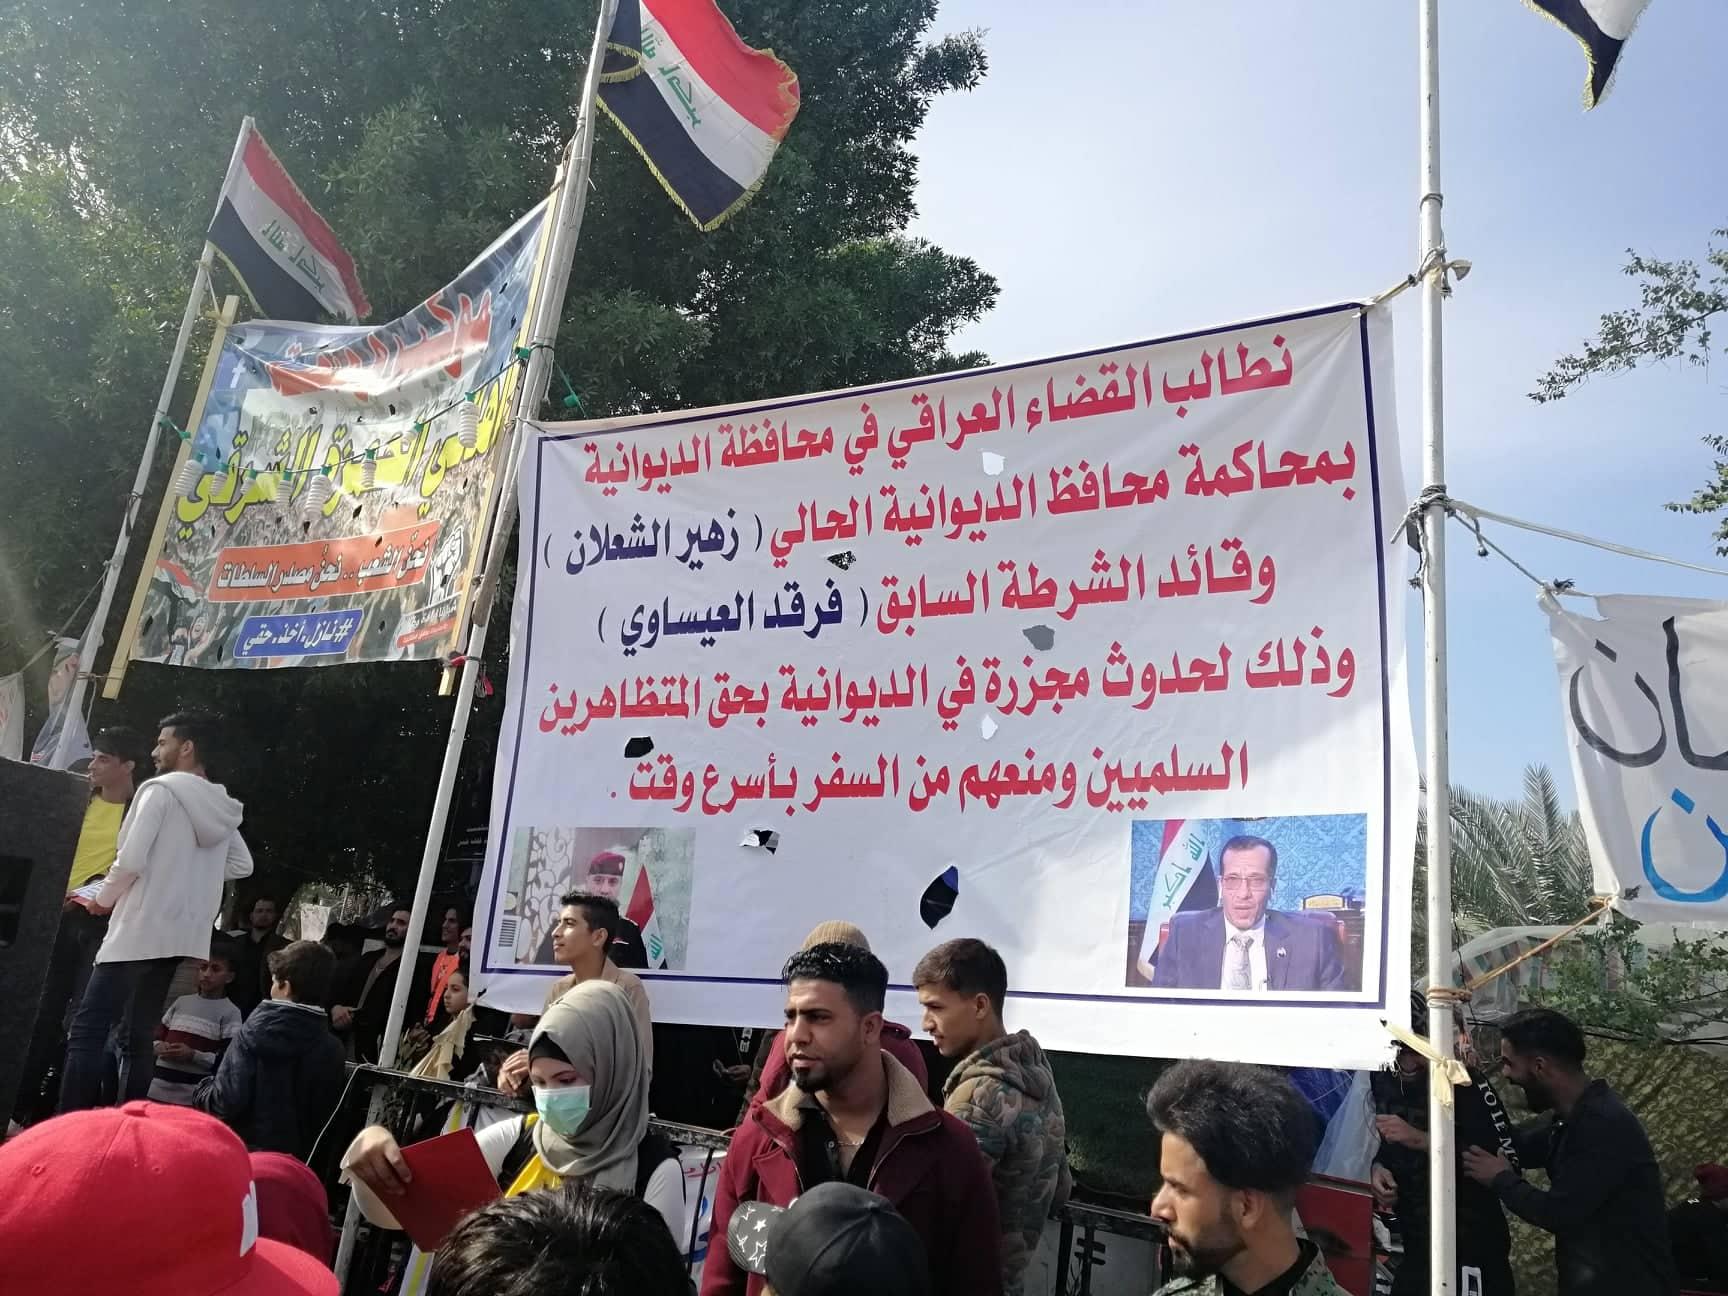 """احتجاجات الديوانية.. مطالبات بمحاكمة المحافظ ومسؤول كبير بتهم ارتكاب """"مجازر"""""""